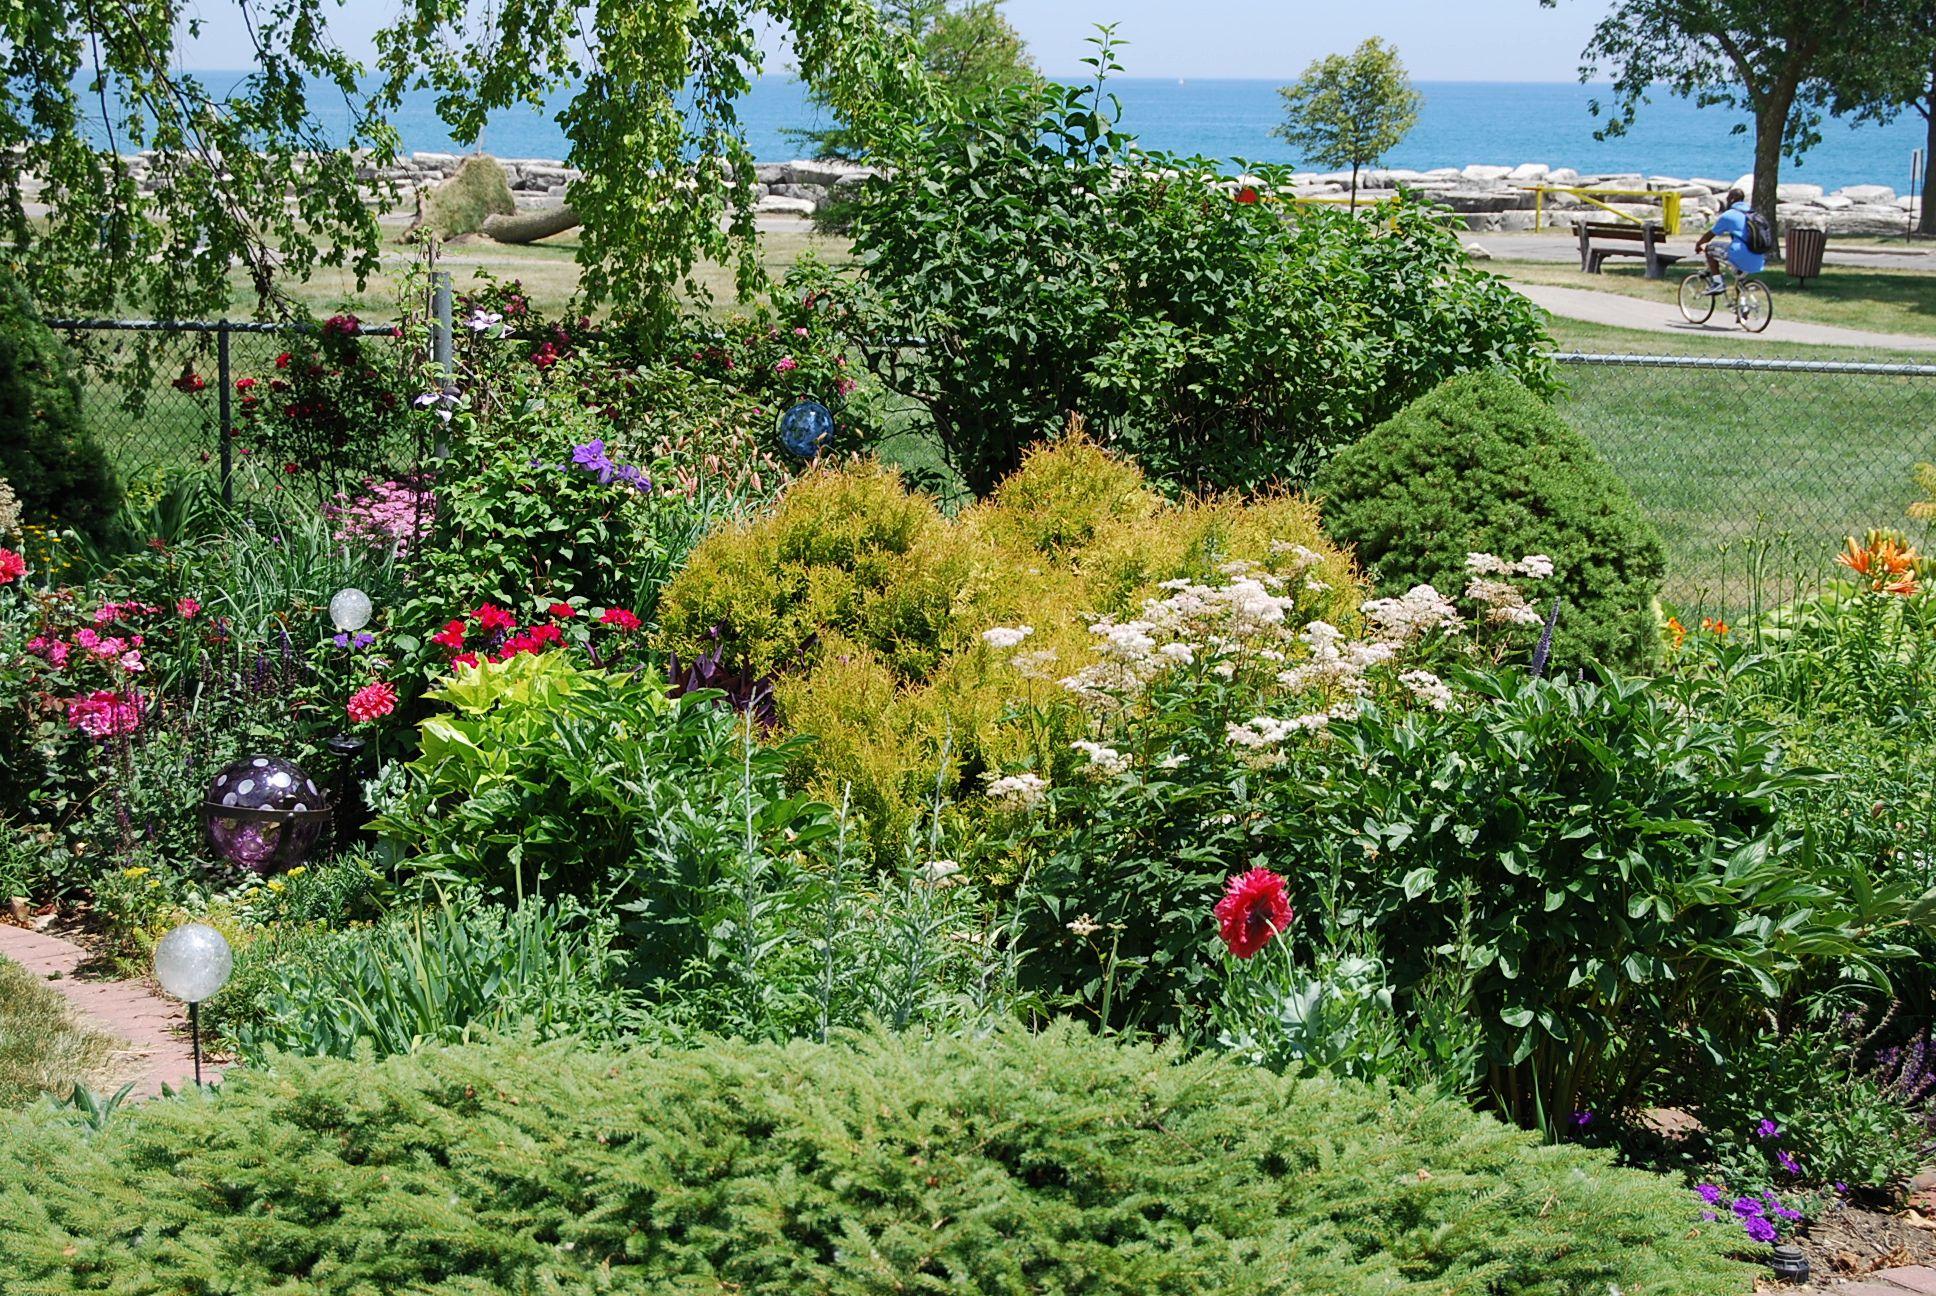 Kenosha, Wisconsin Garden Walk, Part 1